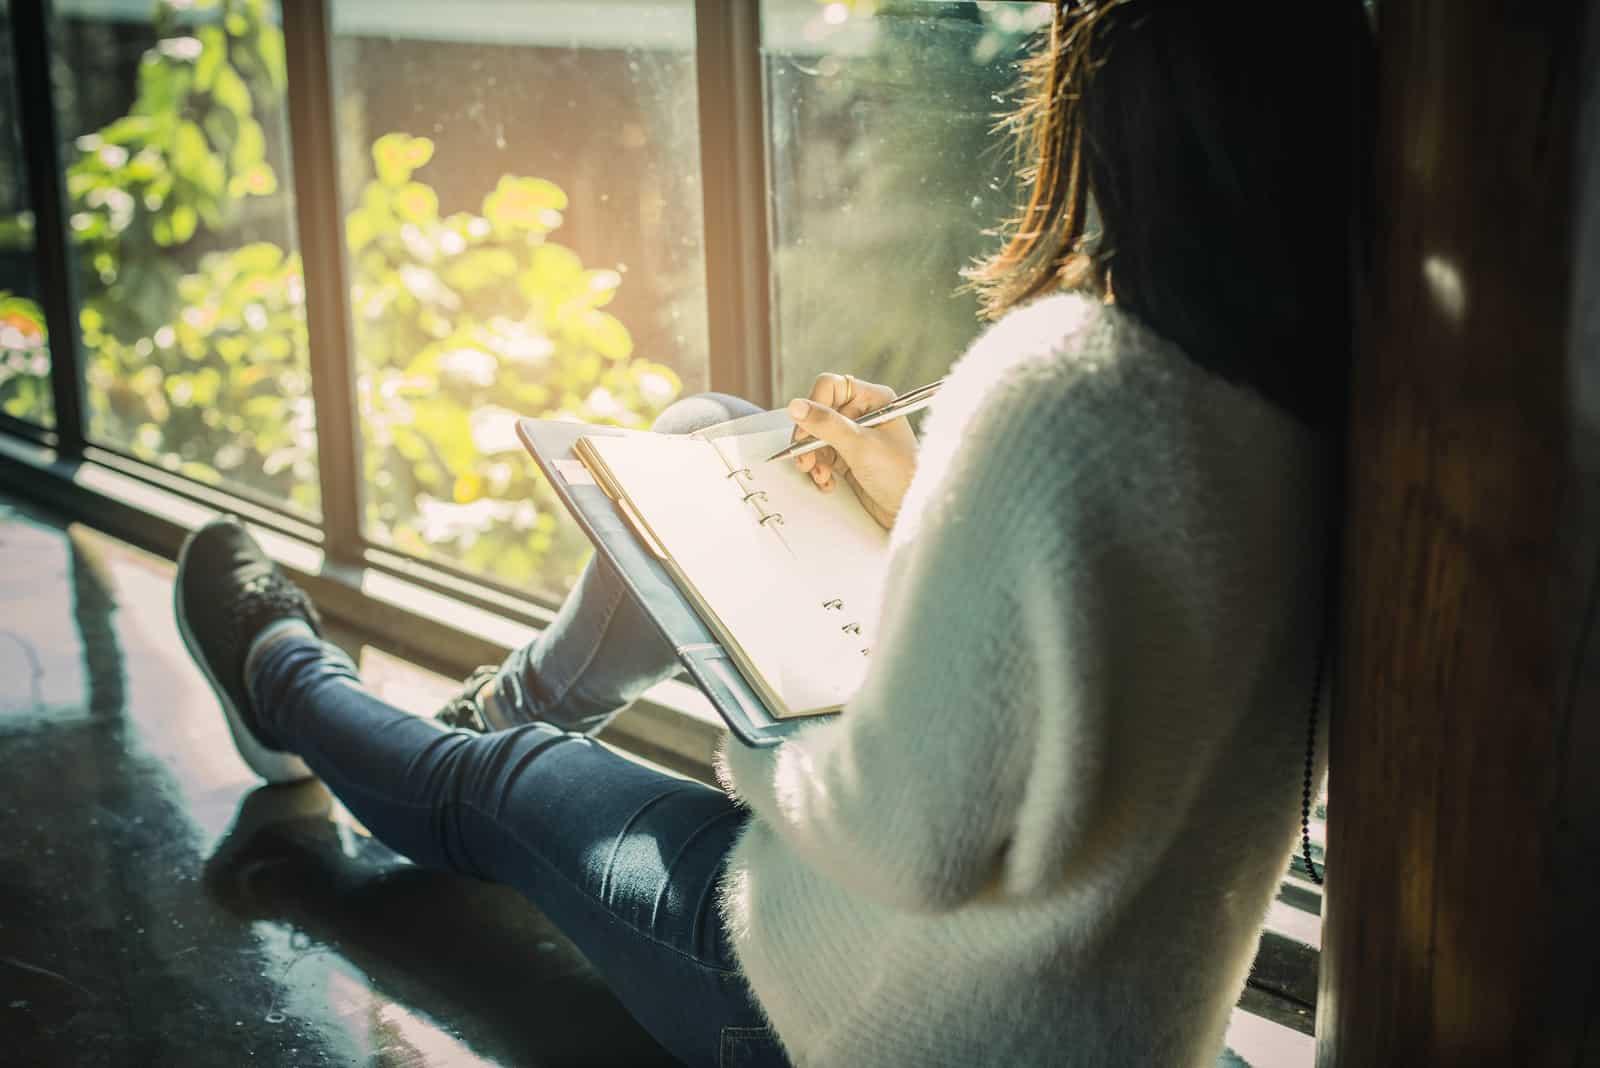 une femme est assise près de la fenêtre et écrit